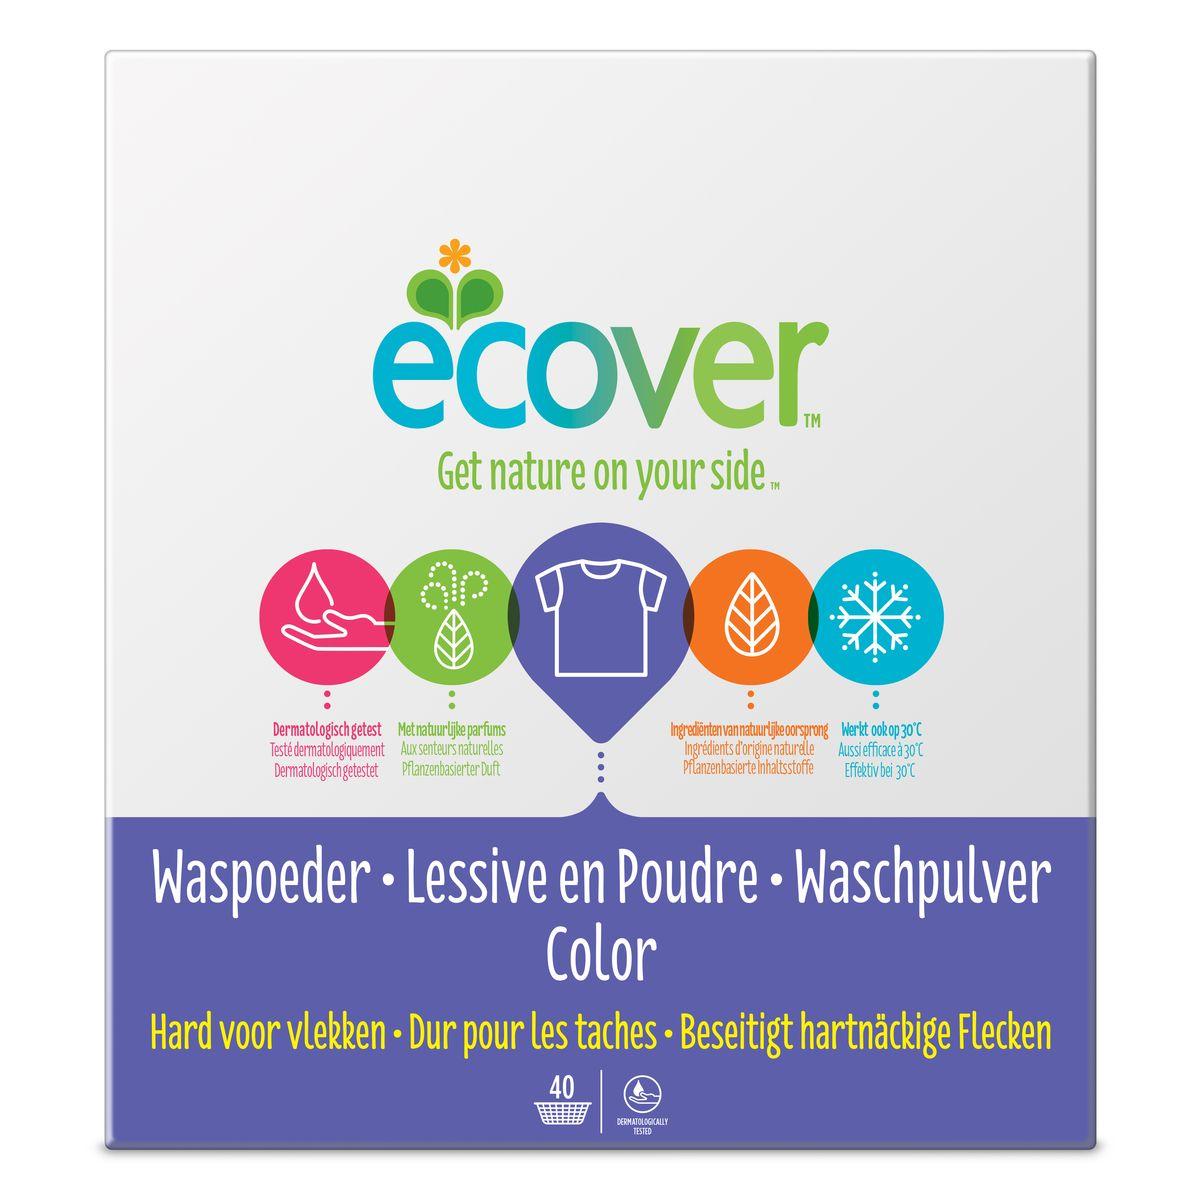 Экологический стиральный порошок Ecover, концентрат, для цветного белья, 3 кг41252Очень эффективный стиральный порошок-концентрат Ecover предназначен для стирки цветного белья. Подходит к использованию для детей от 2-х лет и взрослых. Порошок создан на основе растительных ПАВ. Улучшенная формула содержит небольшое количество бережного кислородного отбеливателя для удаления таких загрязнений как пятна от вина, фруктов, травы и т.д. Прекрасно выполаскивается. Новая формула средства позволяет использовать меньше порошка и обеспечивает на 25% больше стирок! При машинной стирке не требуется добавление средств для смягчения воды и предотвращения образования накипи (типа Calgon). Обладает легким натуральным ароматом. Не содержит фосфатов и синтетических ароматизаторов. Содержит энзимы (не ГМО) и натуральный кислородный отбеливатель.Подходит для использования в домах с автономной канализацией. Не наносит вреда любым видам септиков! Характеристики:Состав: 15-30% анионные био-ПАВ цеолиты, 5-15% неионные ПАВ, силикат натрия, карбонат натрия, бикарбонат натрия, полипептидное мыло, карбоксиметил целлюлозы, отдушка, сульфат натрия, цитрат натрия, энзимы, этилендиамин диссуцинат. Объем: 3 кг. Товар сертифицирован.